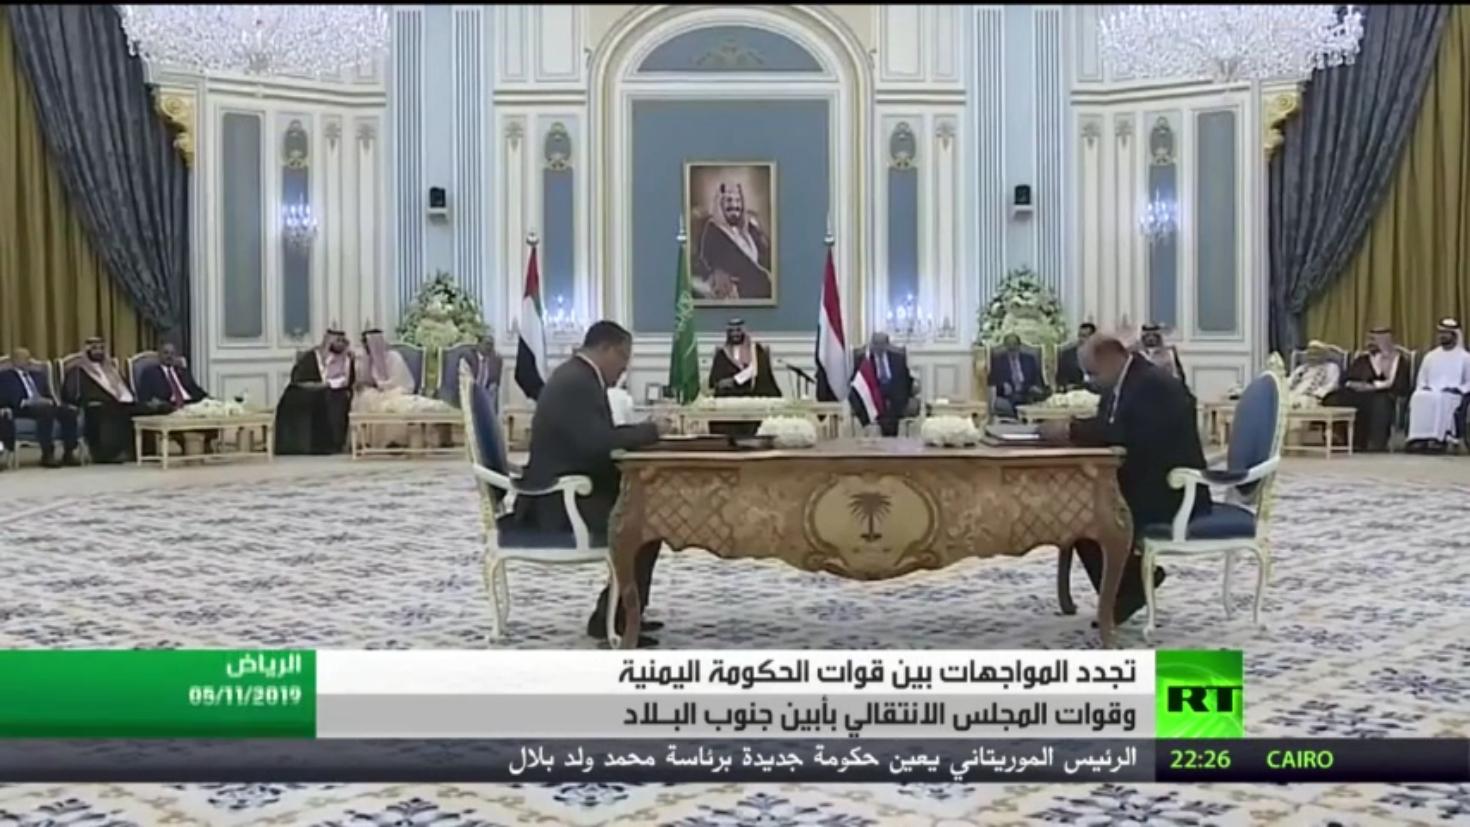 اليمن.. مواجهات بين الحكومة والانتقالي بأبين